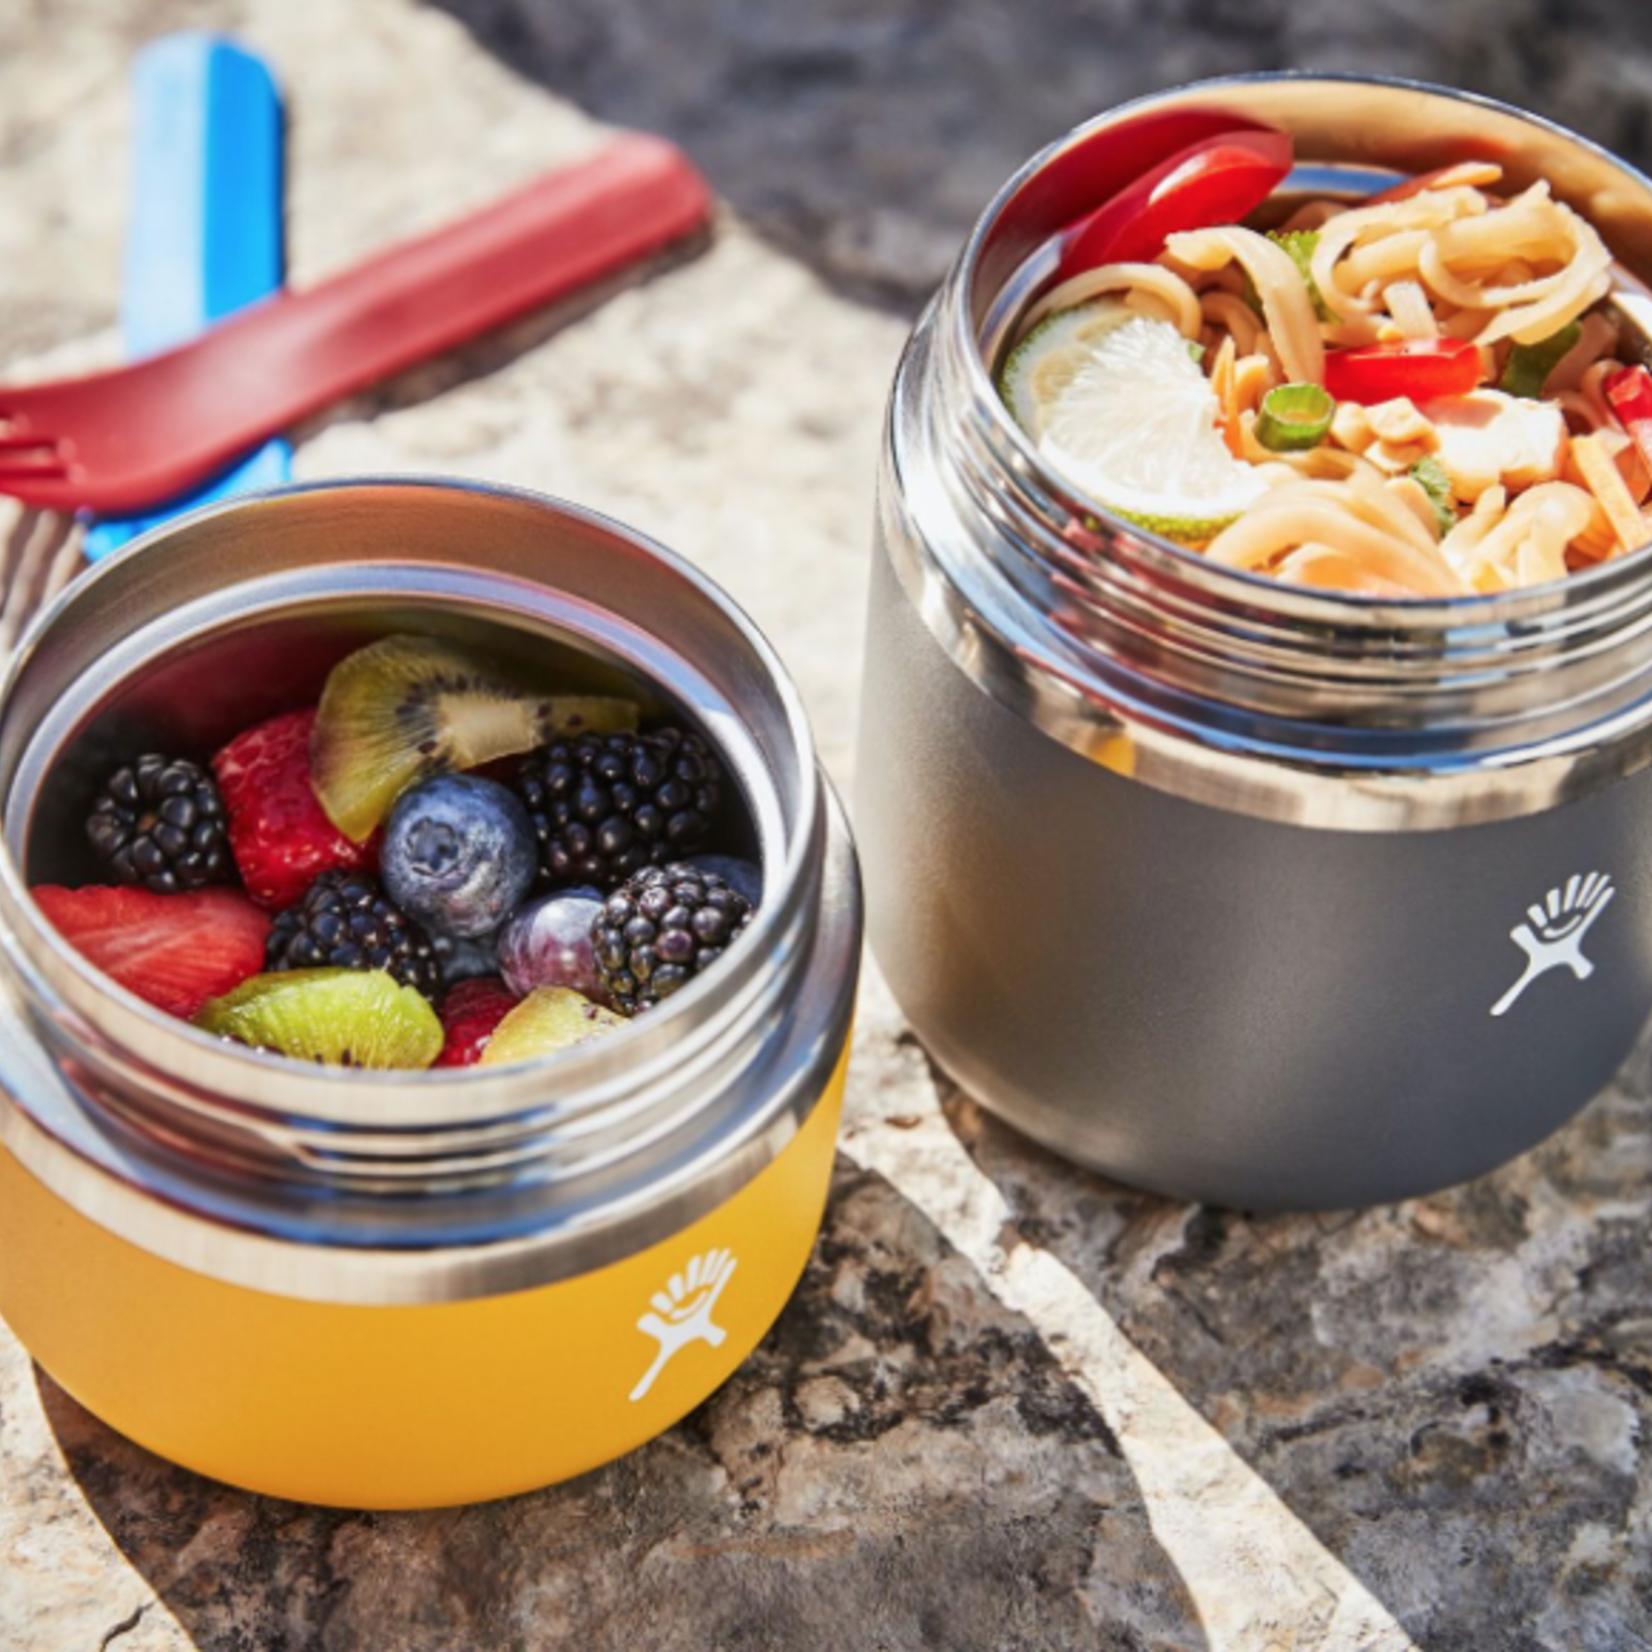 Hydro Flask Hydroflask 20 oz Insulated Food Jar